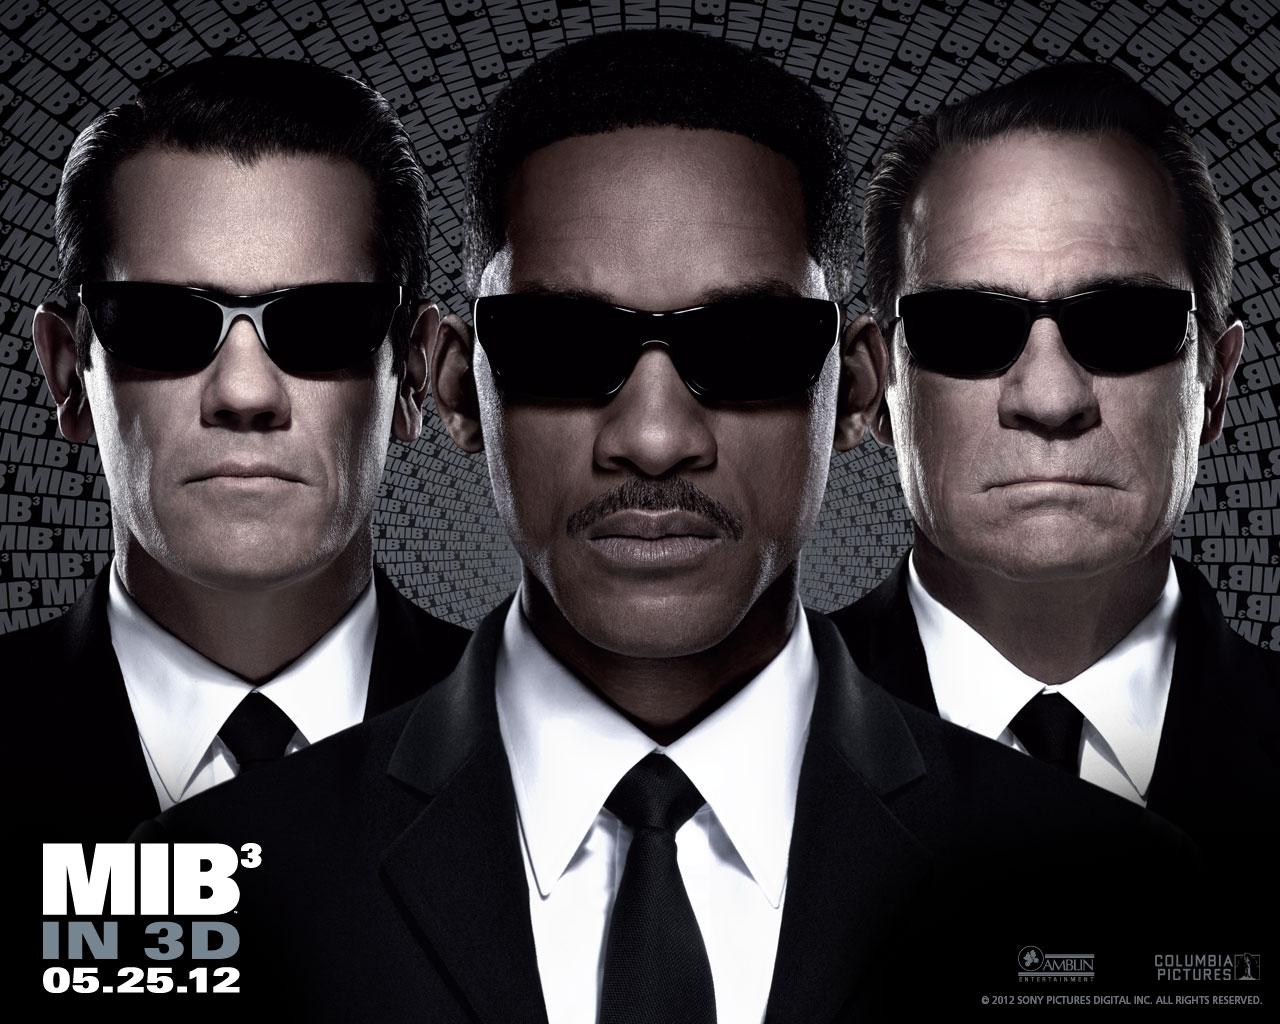 Koji film ste poslednji gledali? - Page 5 Men-in-black-3-03